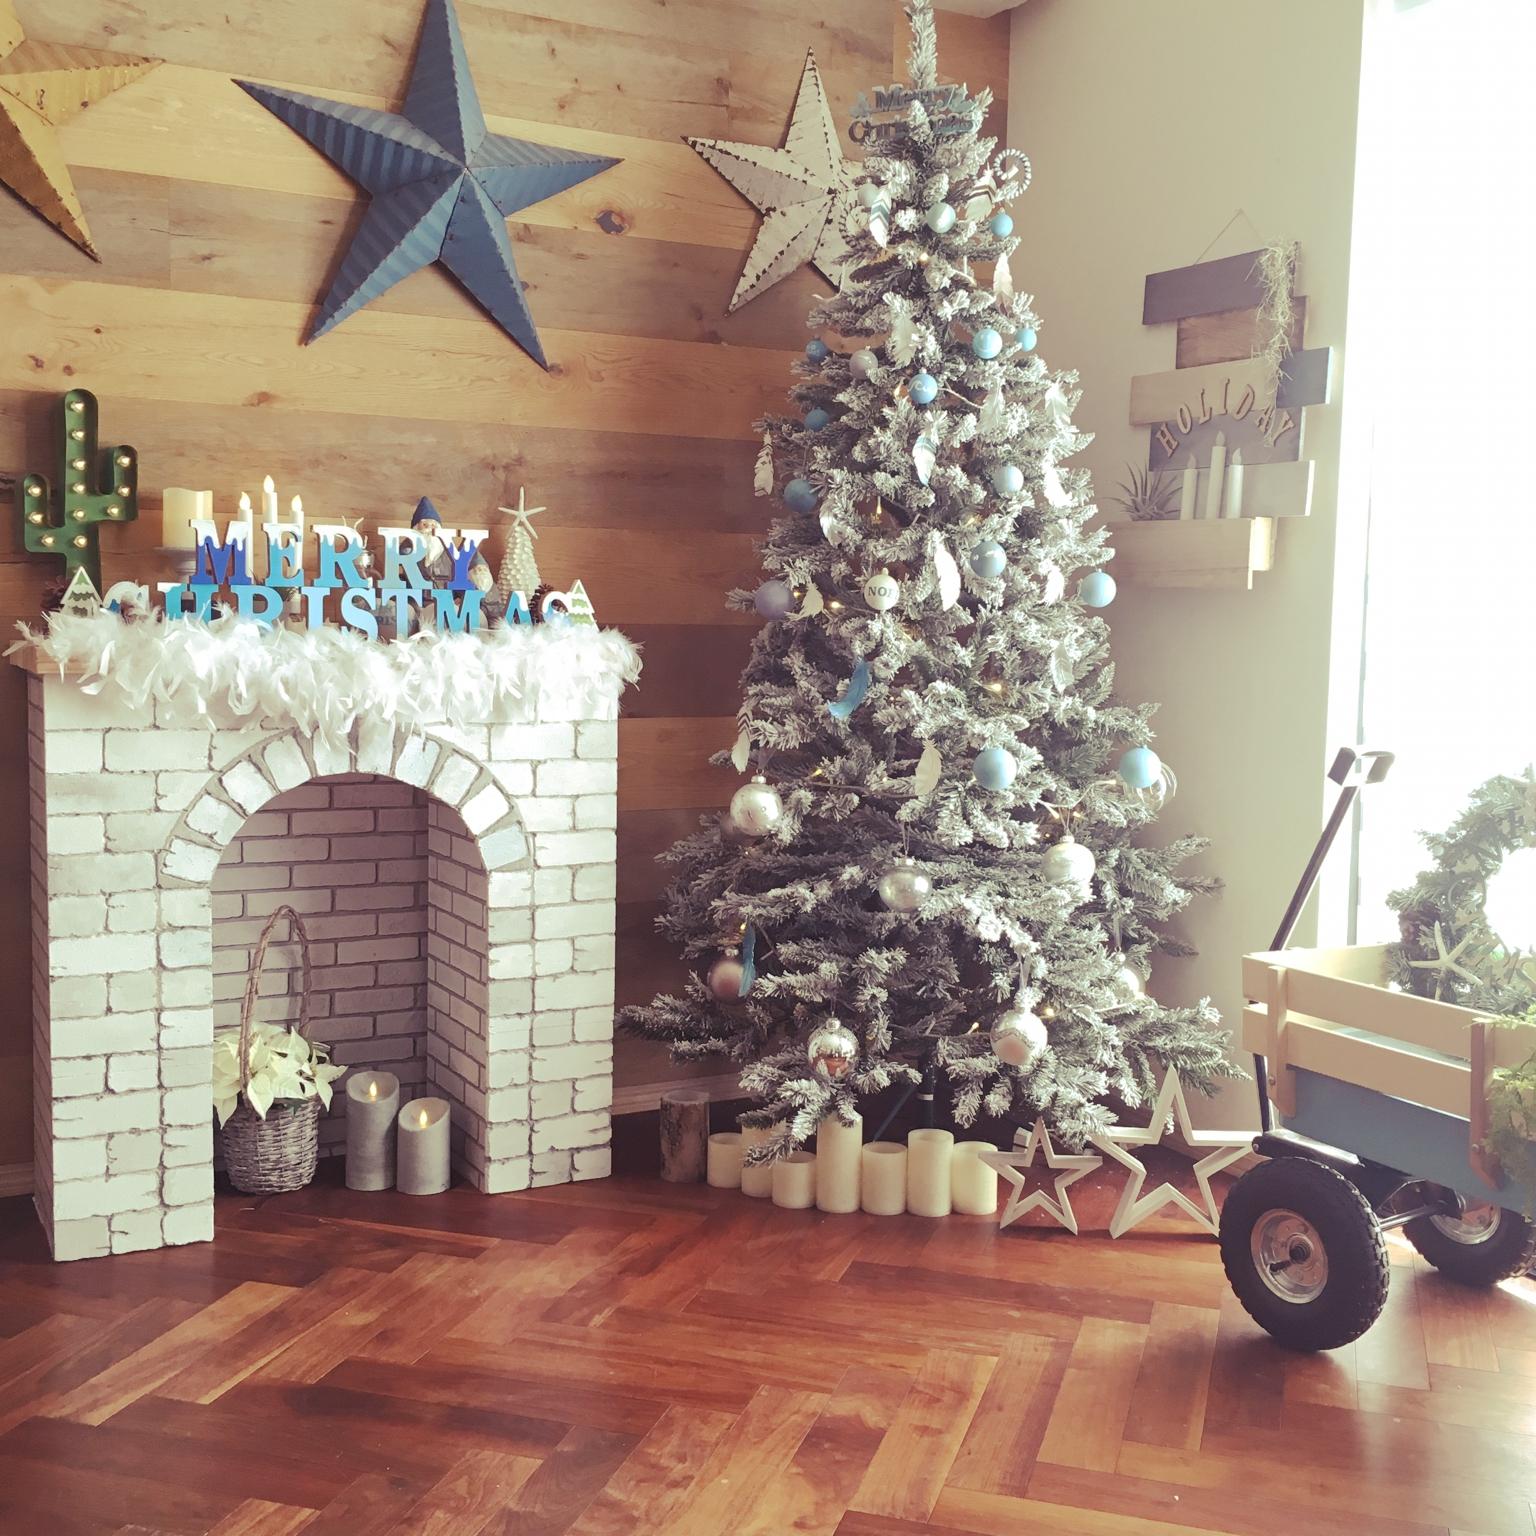 クリスマス飾り、手作りから人気ブランドまで【2016年版】 | RoomClip mag | 暮らしとインテリアのwebマガジン